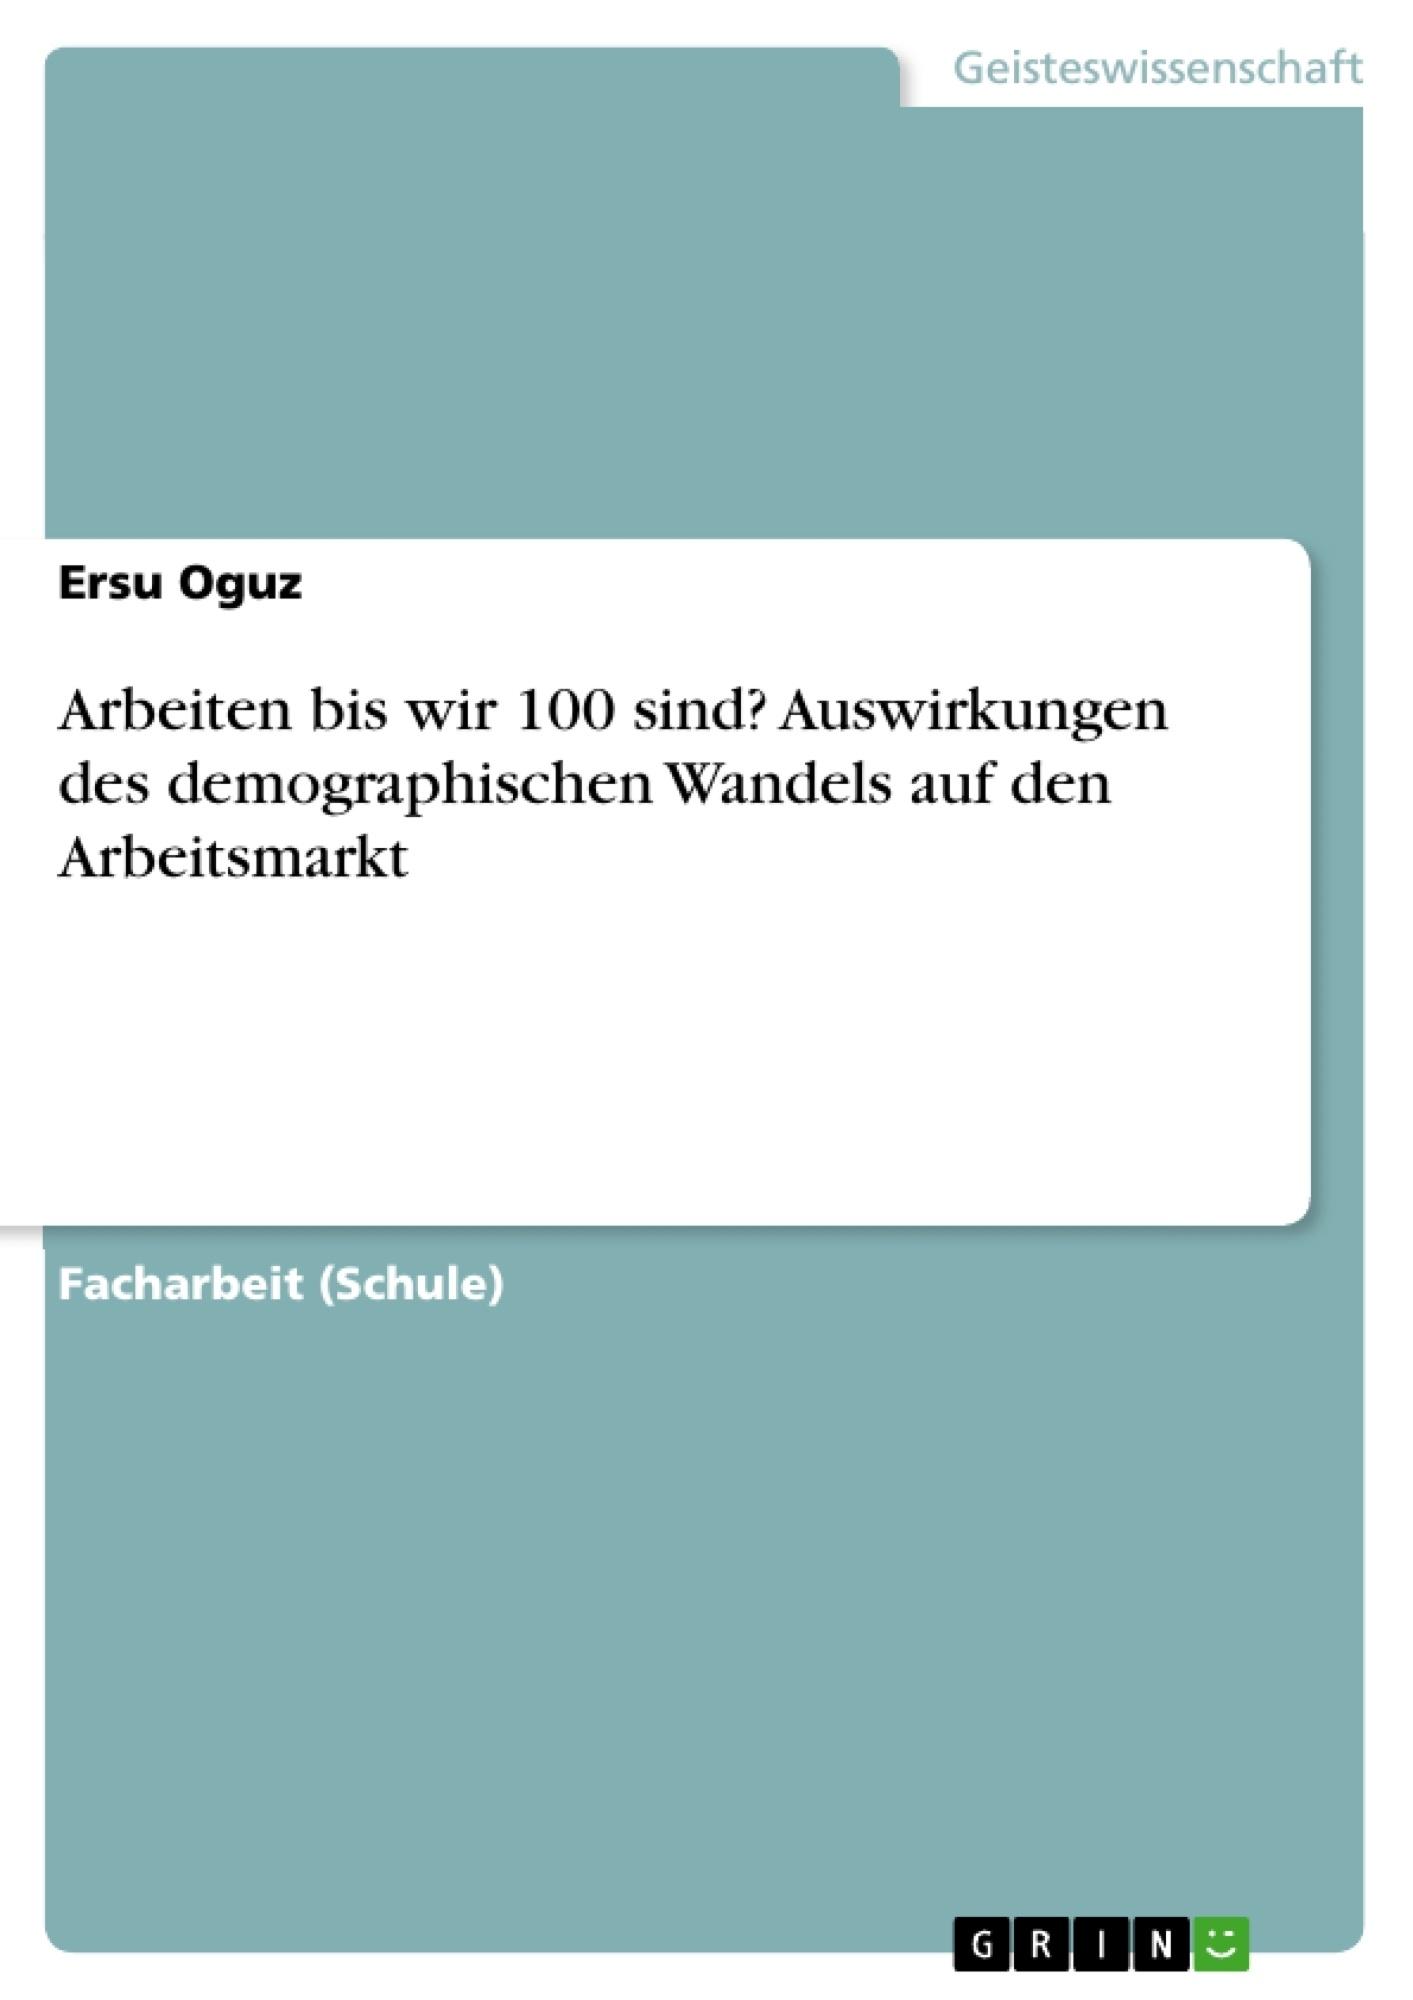 Titel: Arbeiten bis wir 100 sind? Auswirkungen des demographischen Wandels auf den Arbeitsmarkt